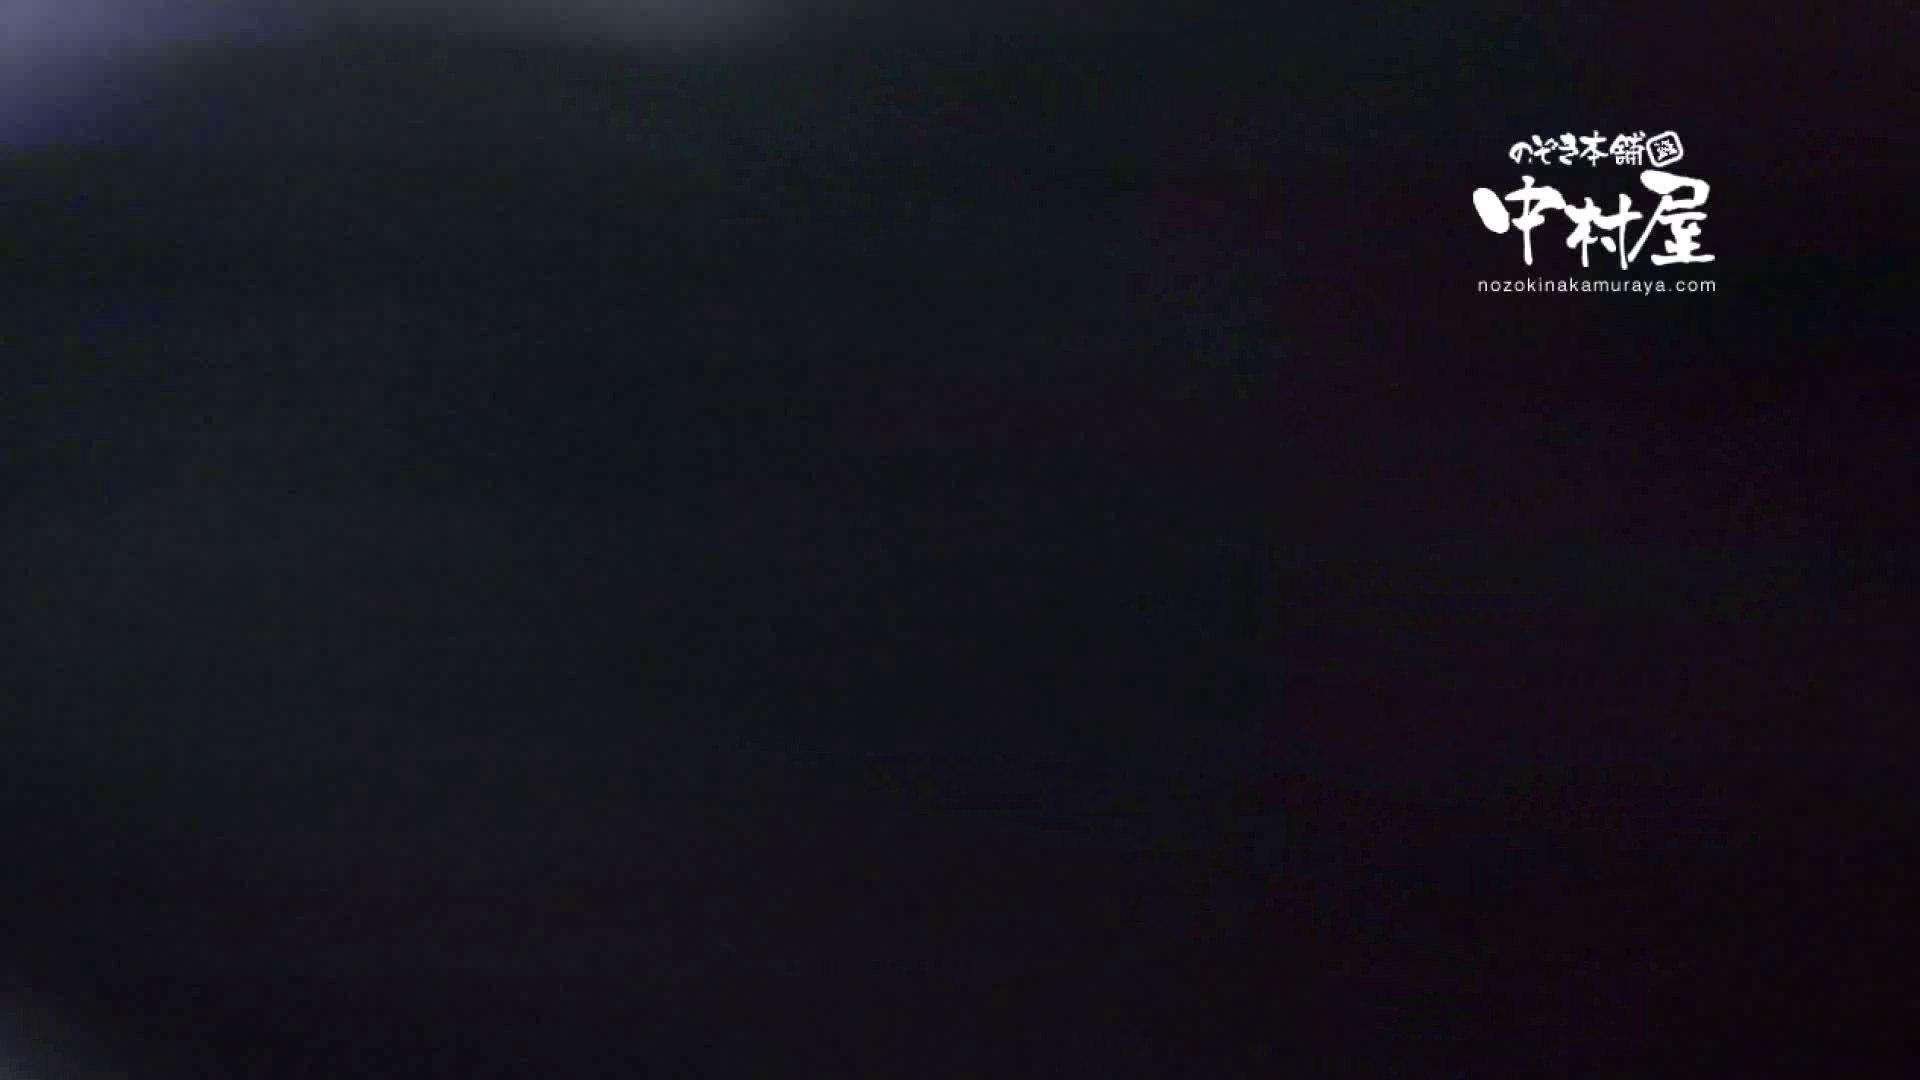 鬼畜 vol.10 あぁ無情…中出しパイパン! 前編 鬼畜  98枚 91